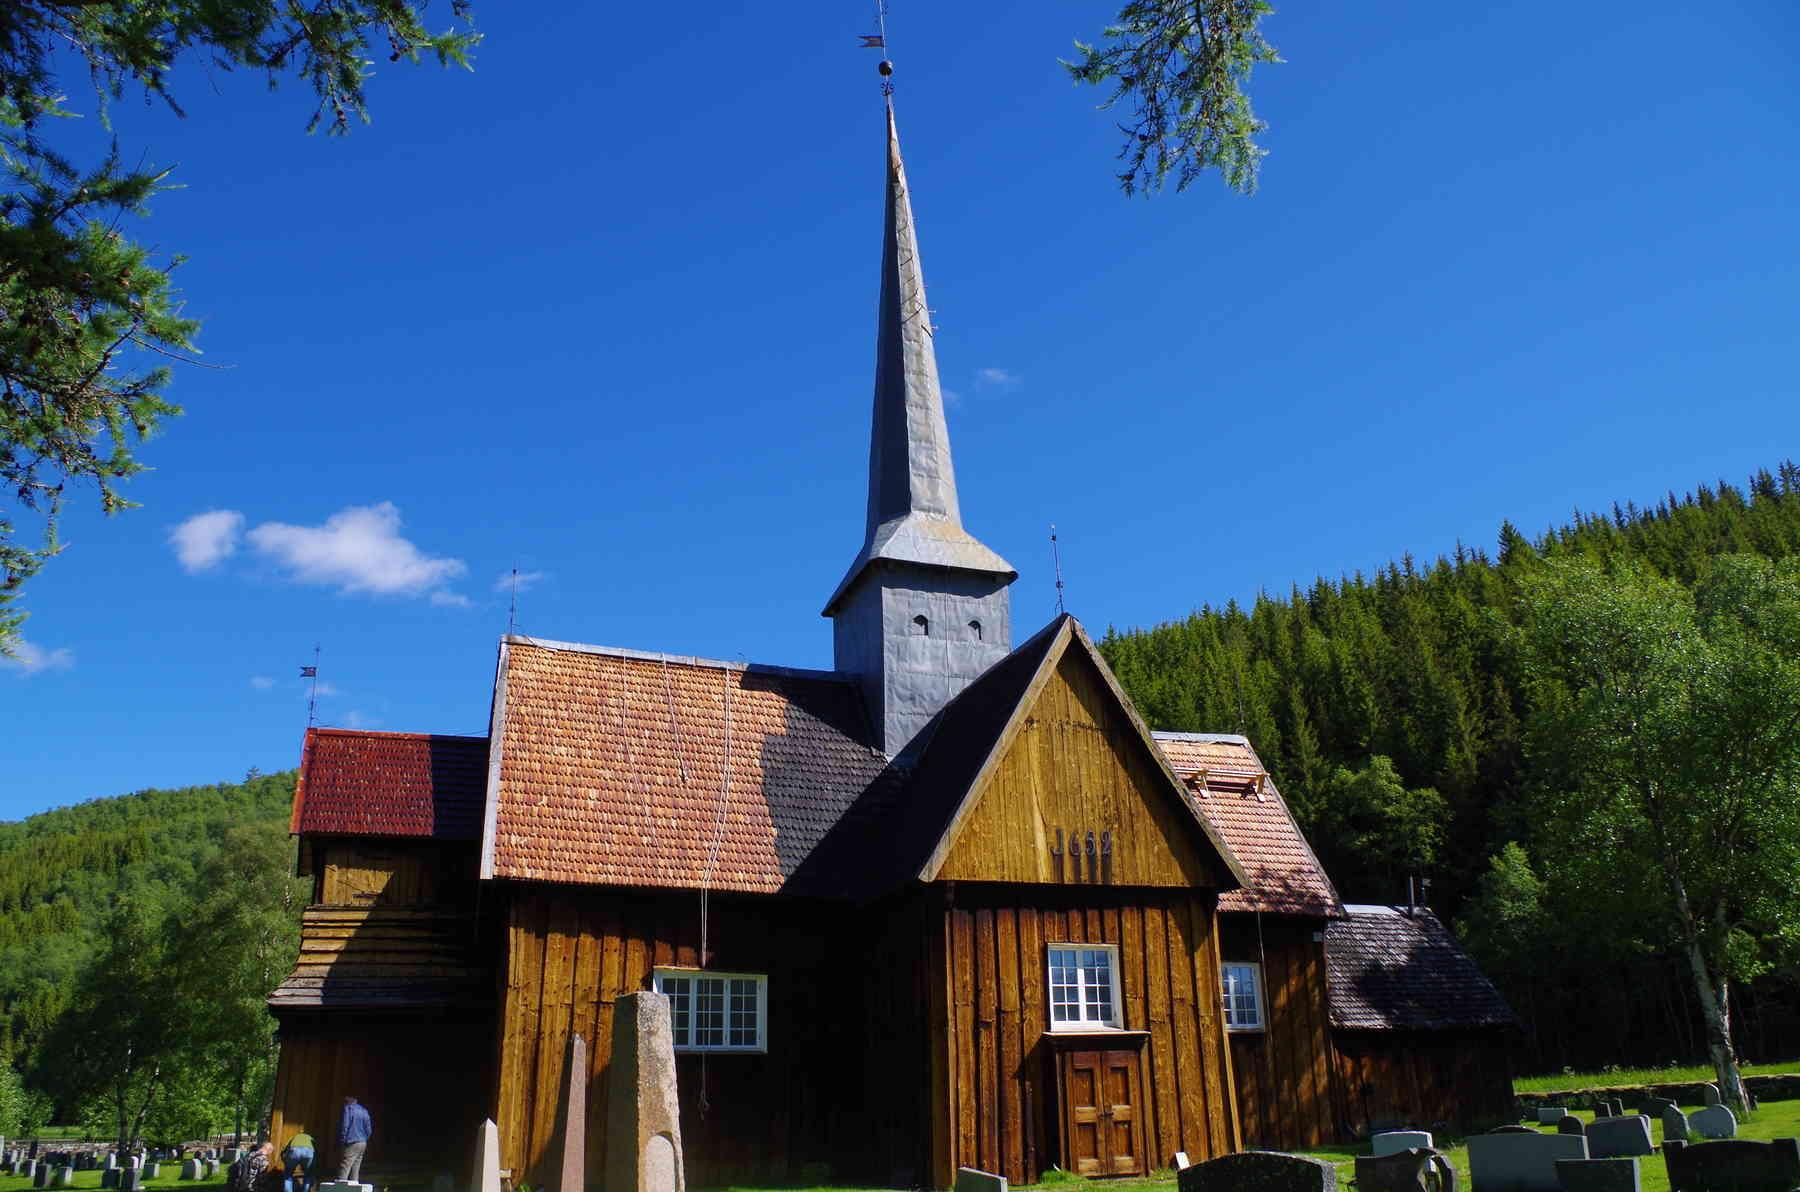 Takspon på gamle kirker